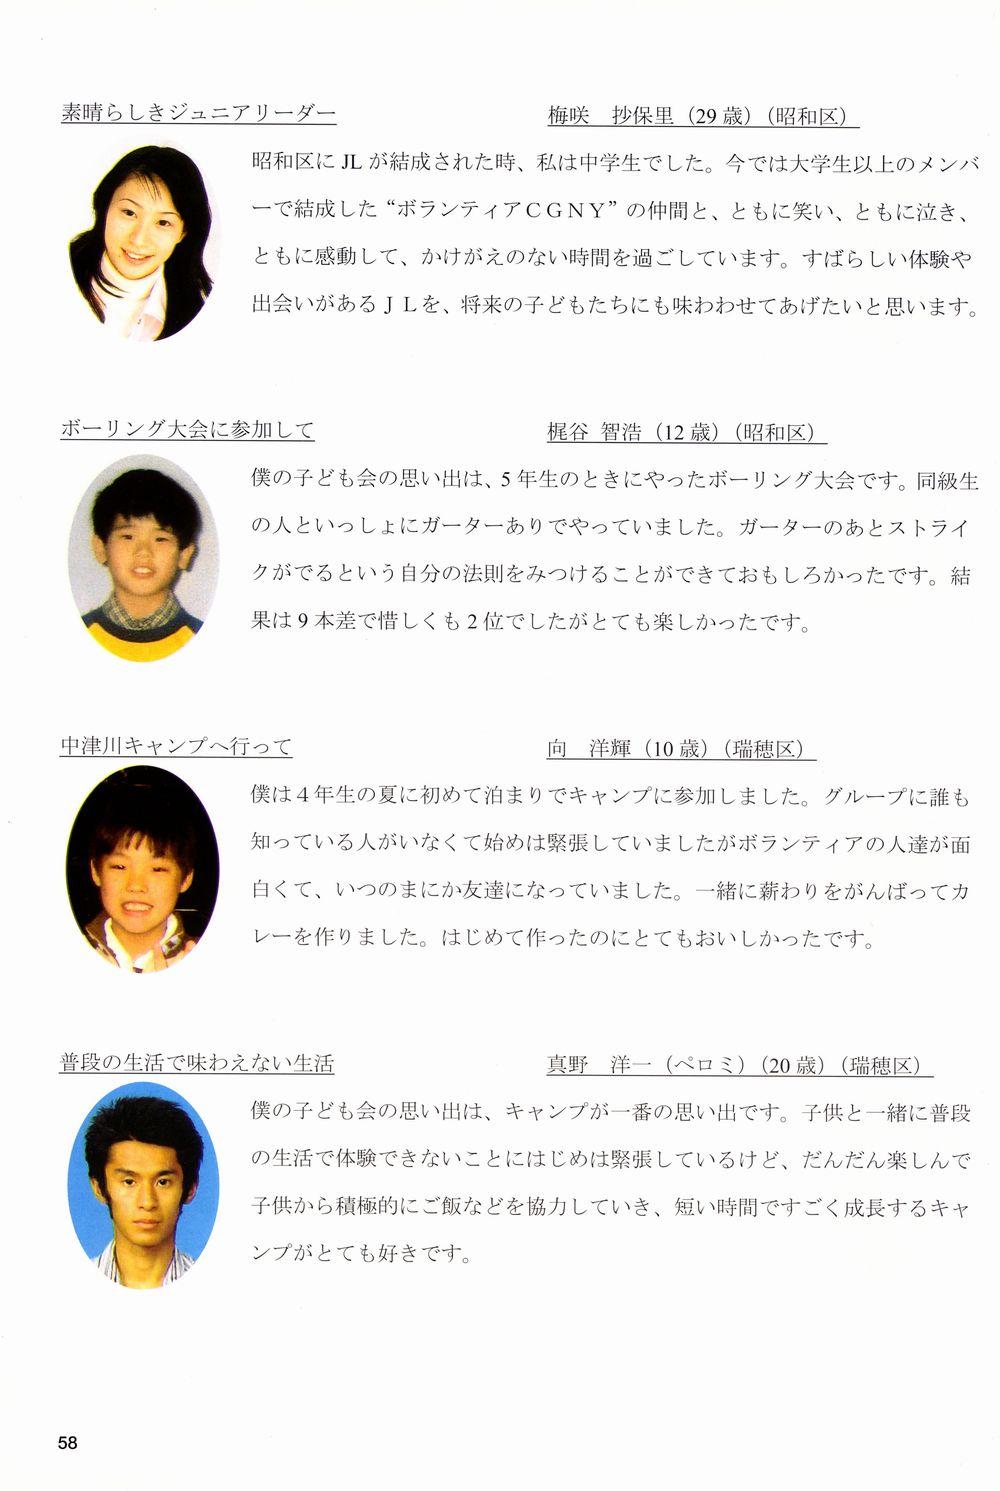 40周年記念誌-page58s